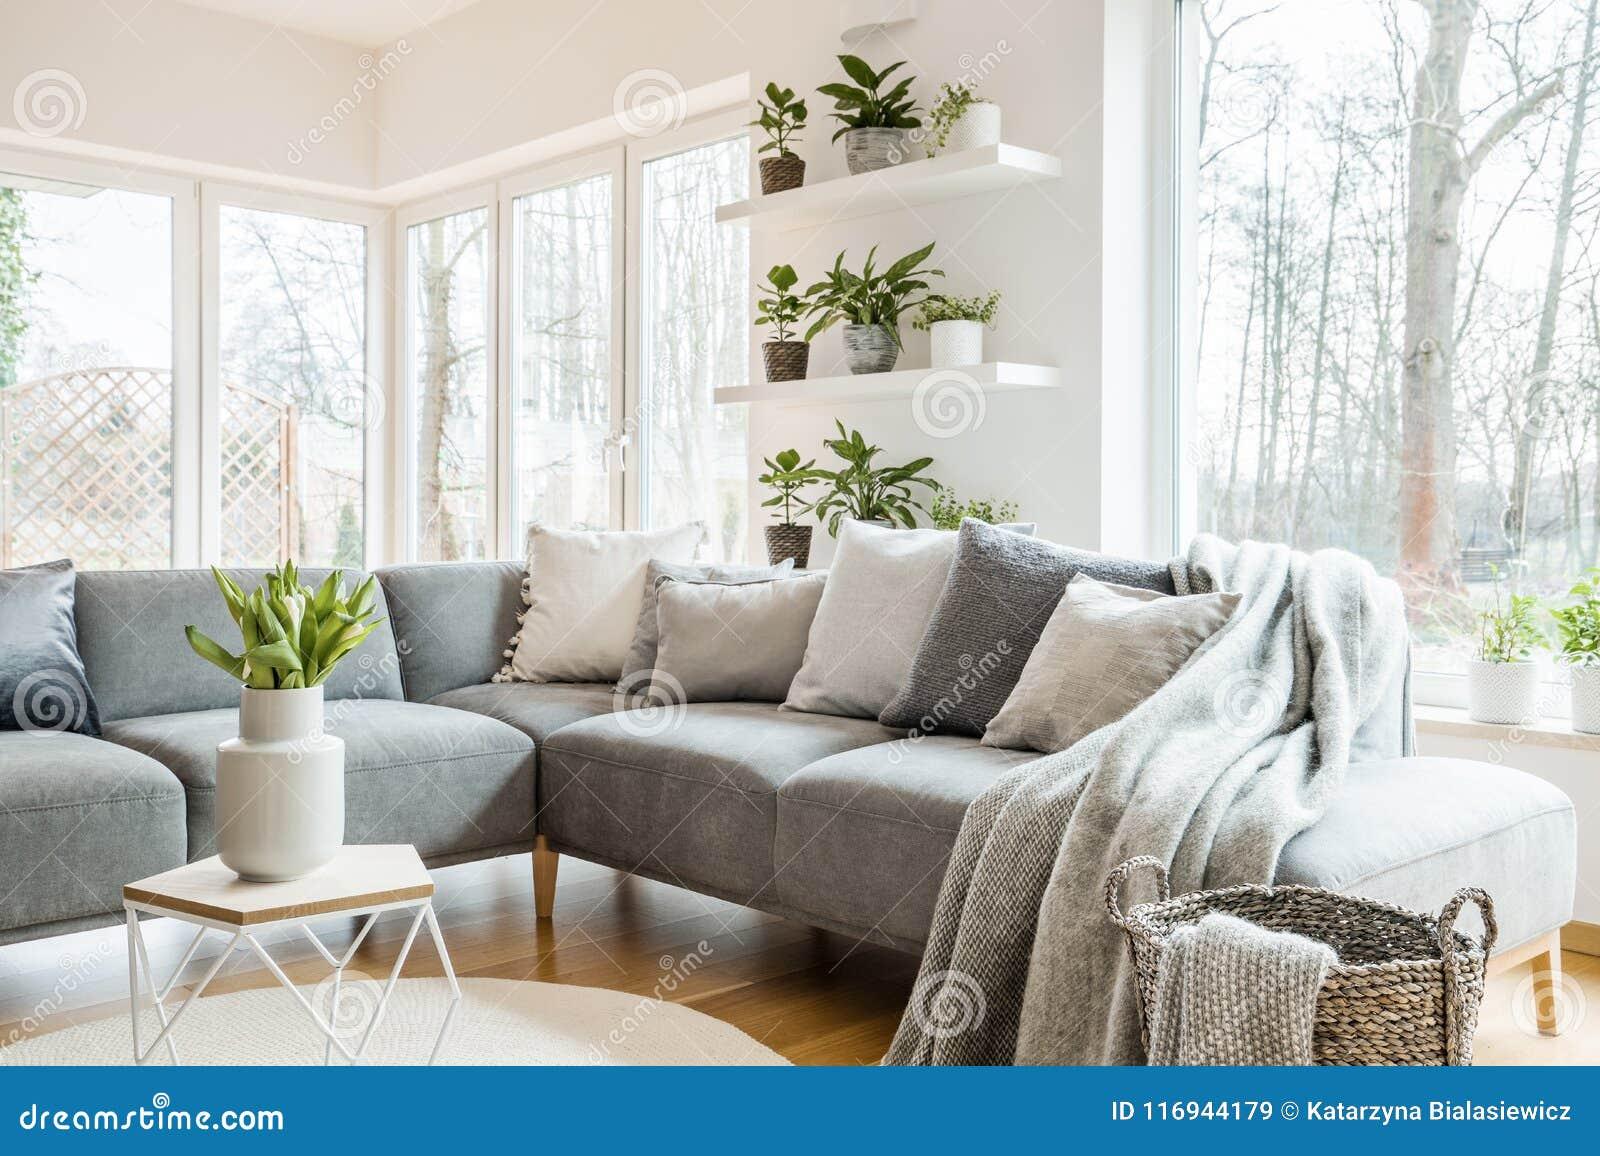 Siwieje narożnikową leżankę z poduszkami i koc w białym żywym pokoju